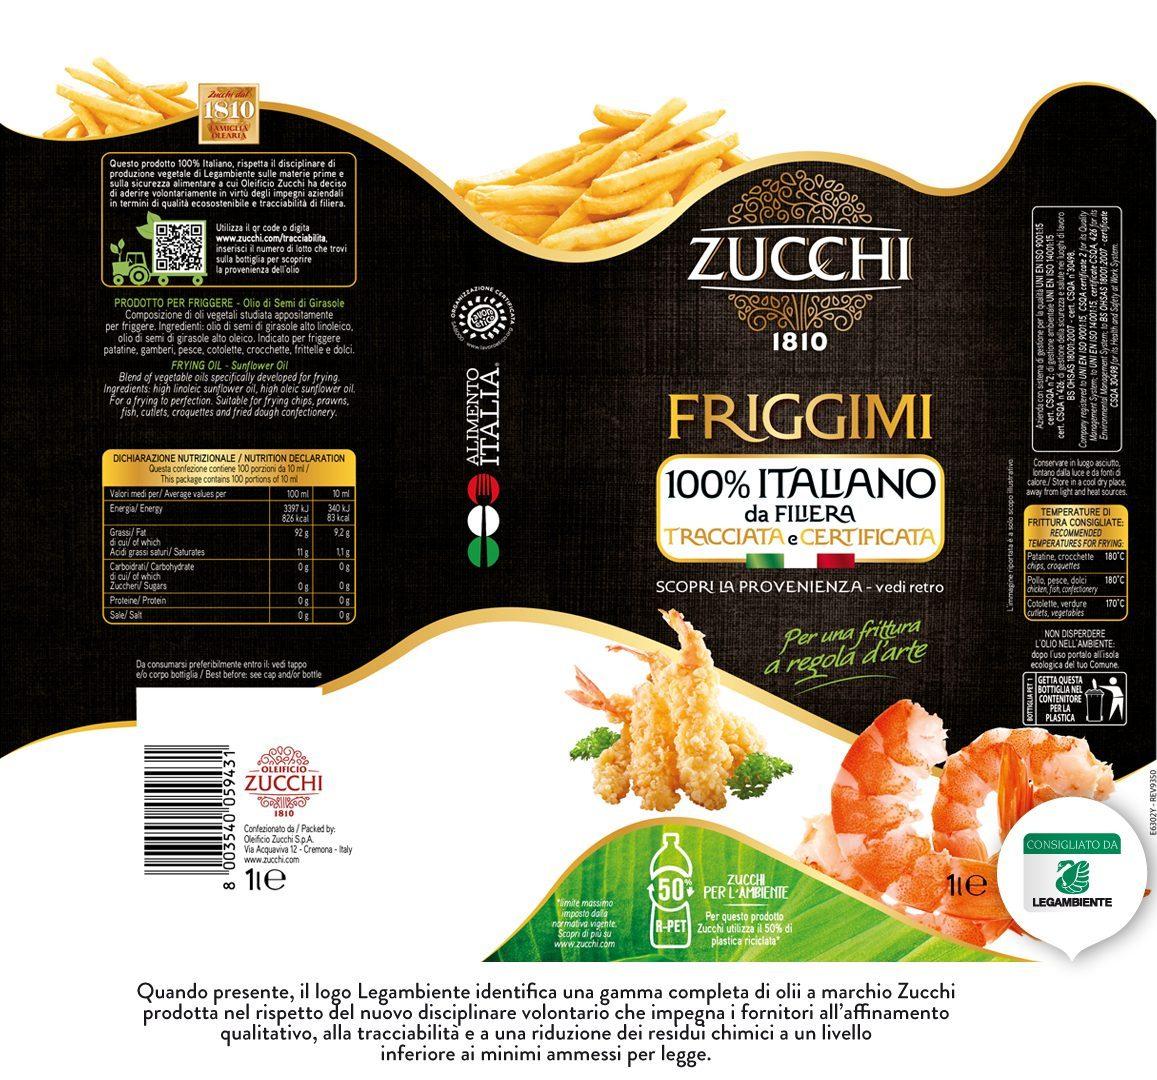 E6302Y Zucchi Friggimi 100% ita Legambiente 1l